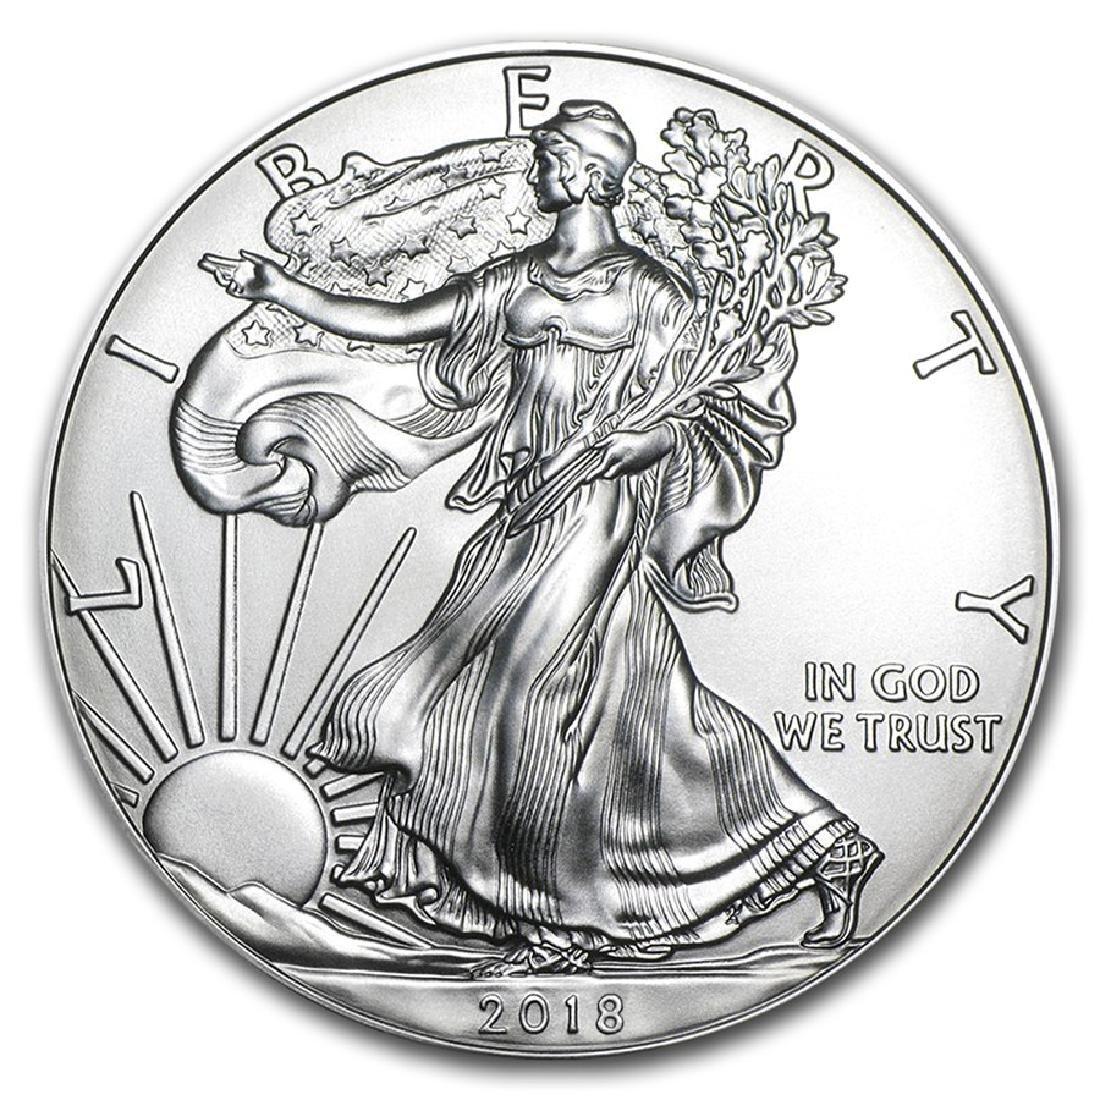 2018 1 oz American Eagle Silver Coin